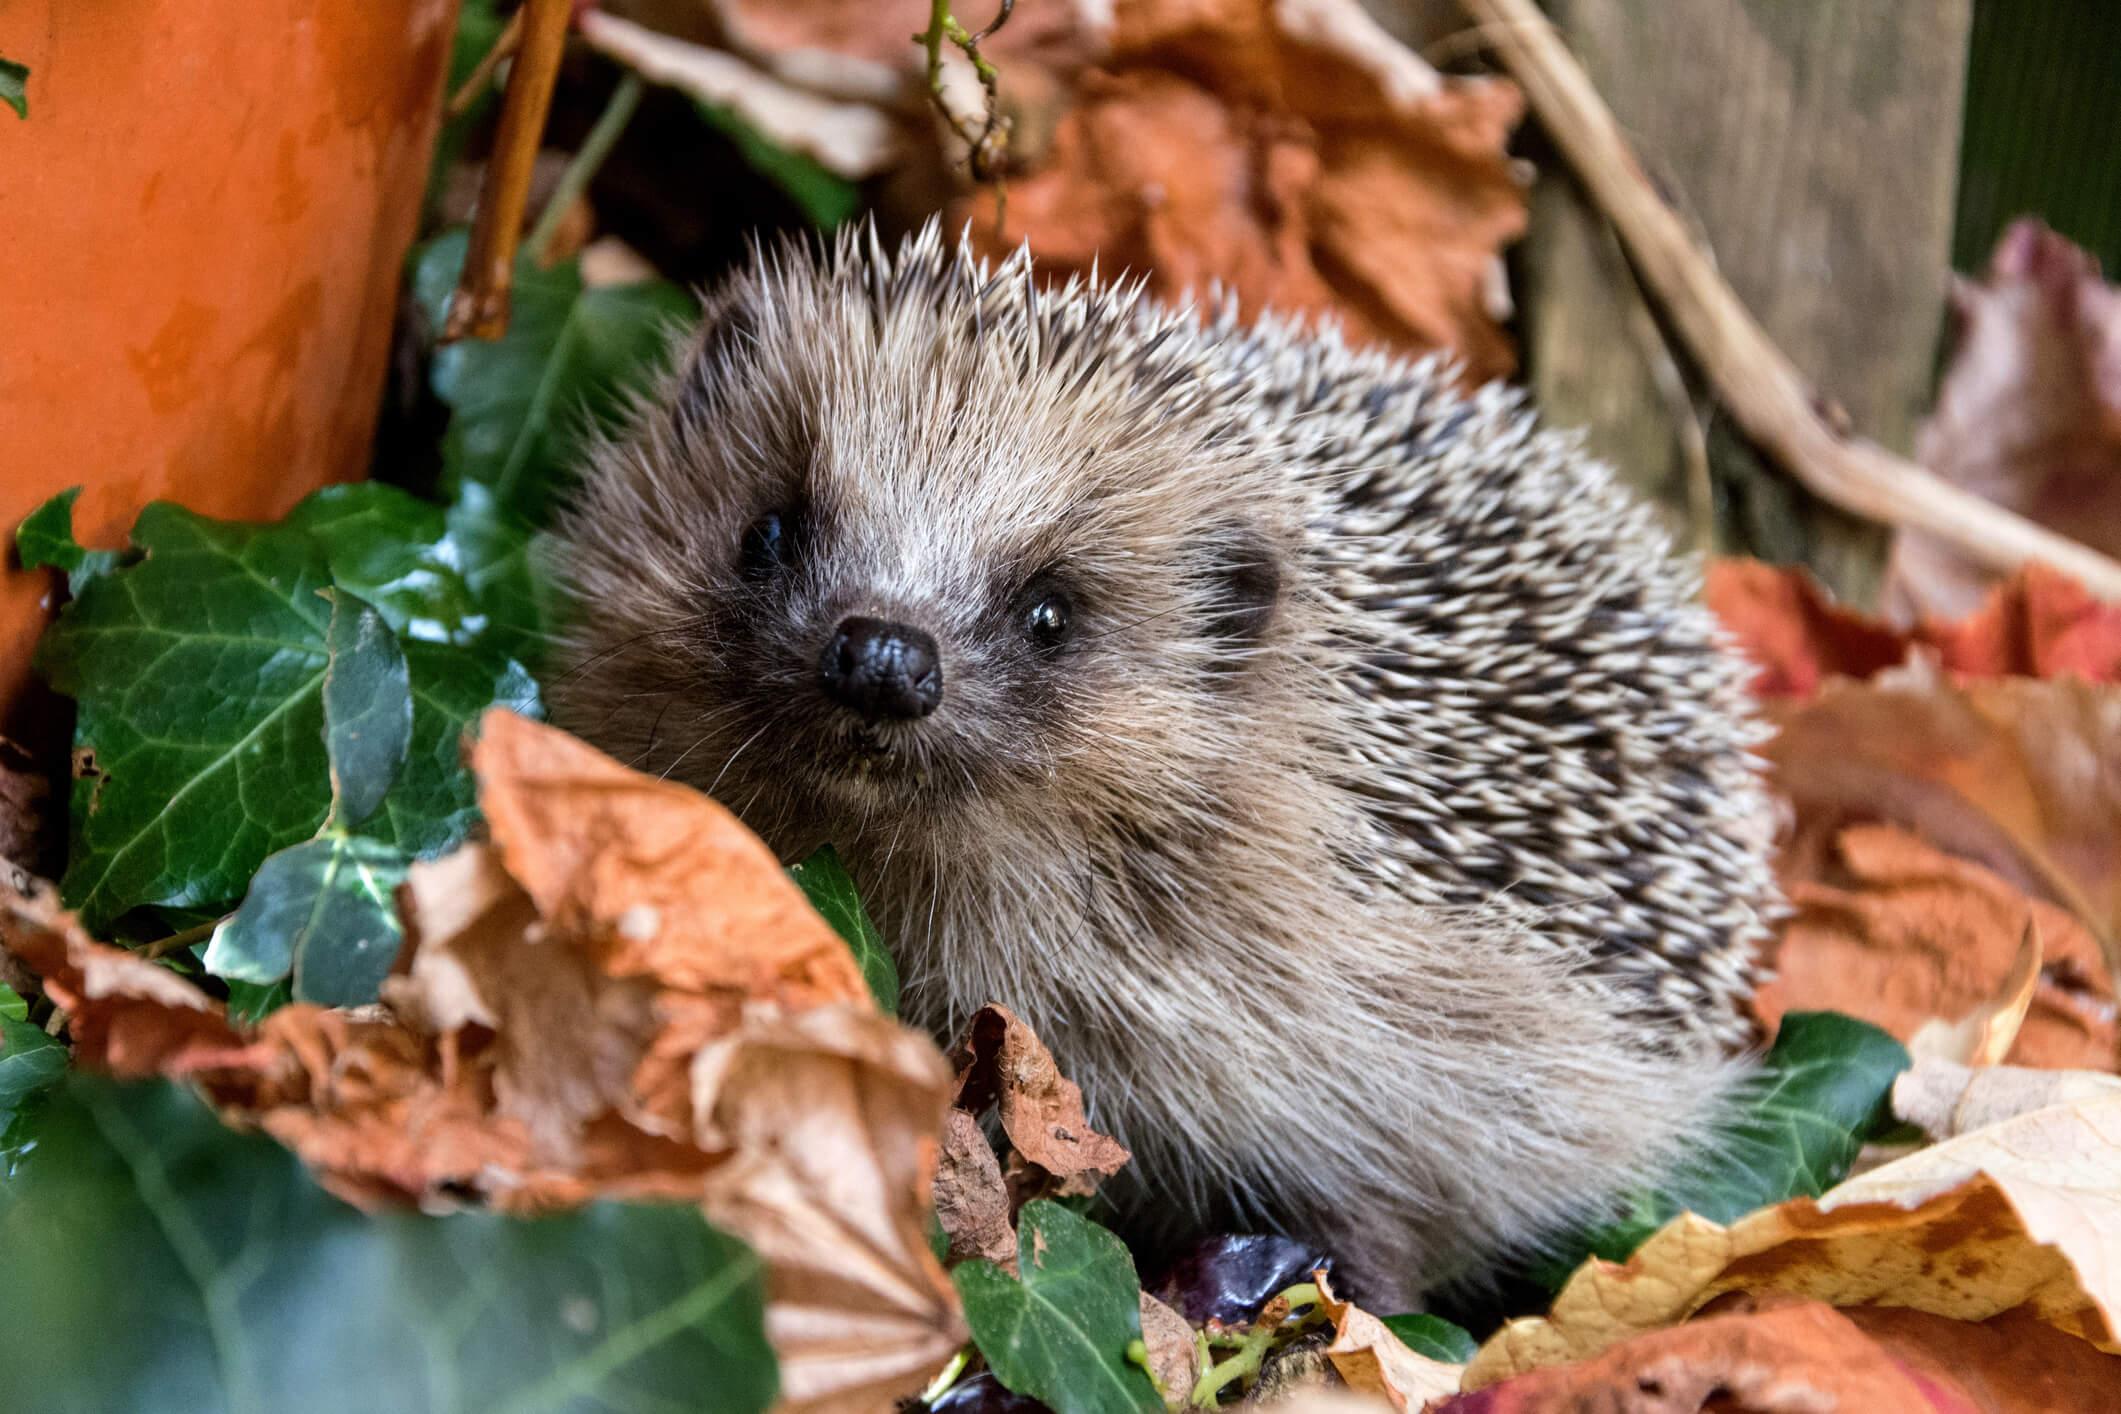 Eye Spy-ne: A Special Poem by Spike the Hedgehog.